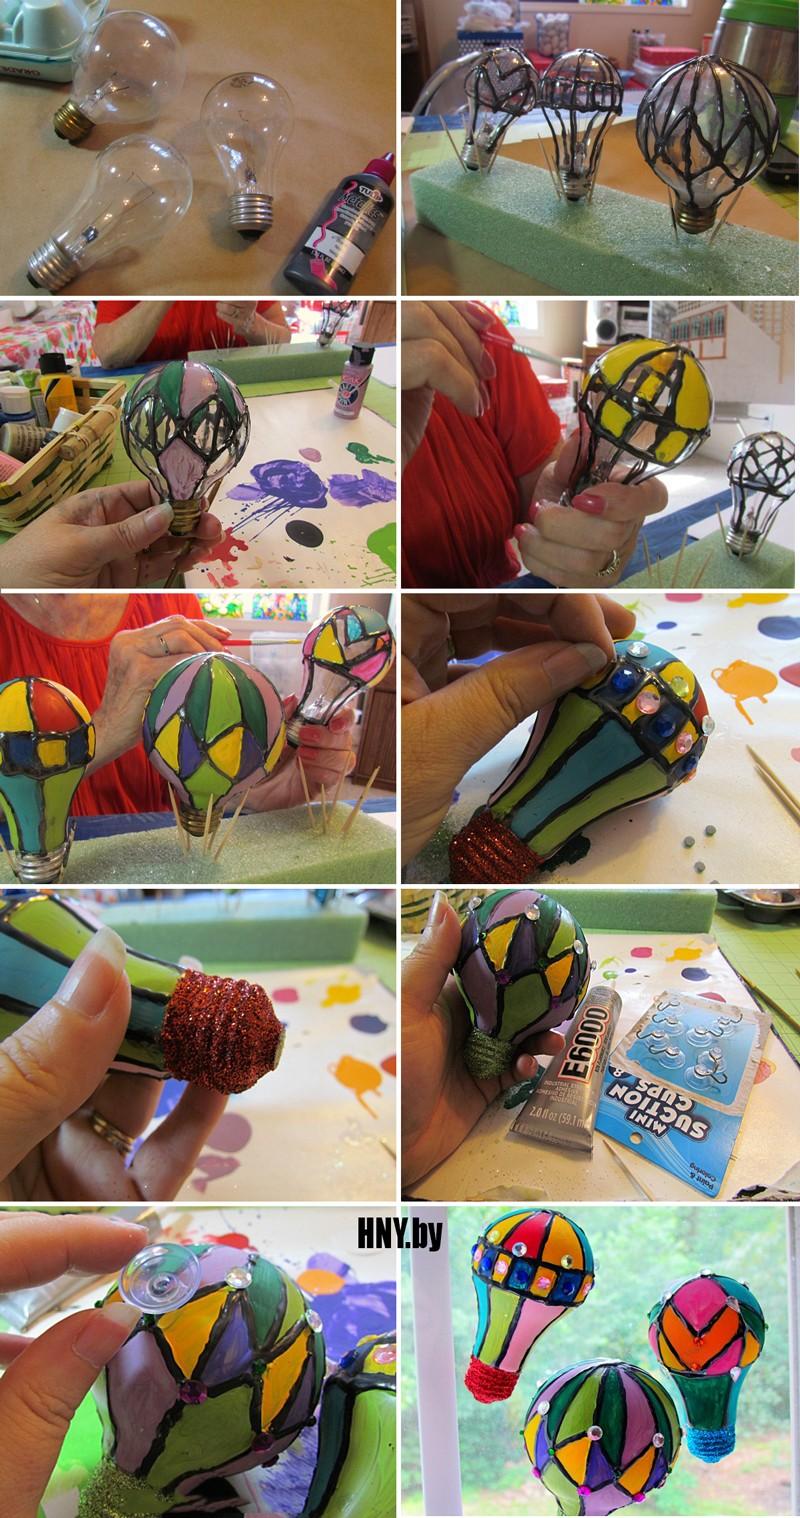 Новогодние игрушки на елку своими руками из старых лампочек: делаем воздушный шар